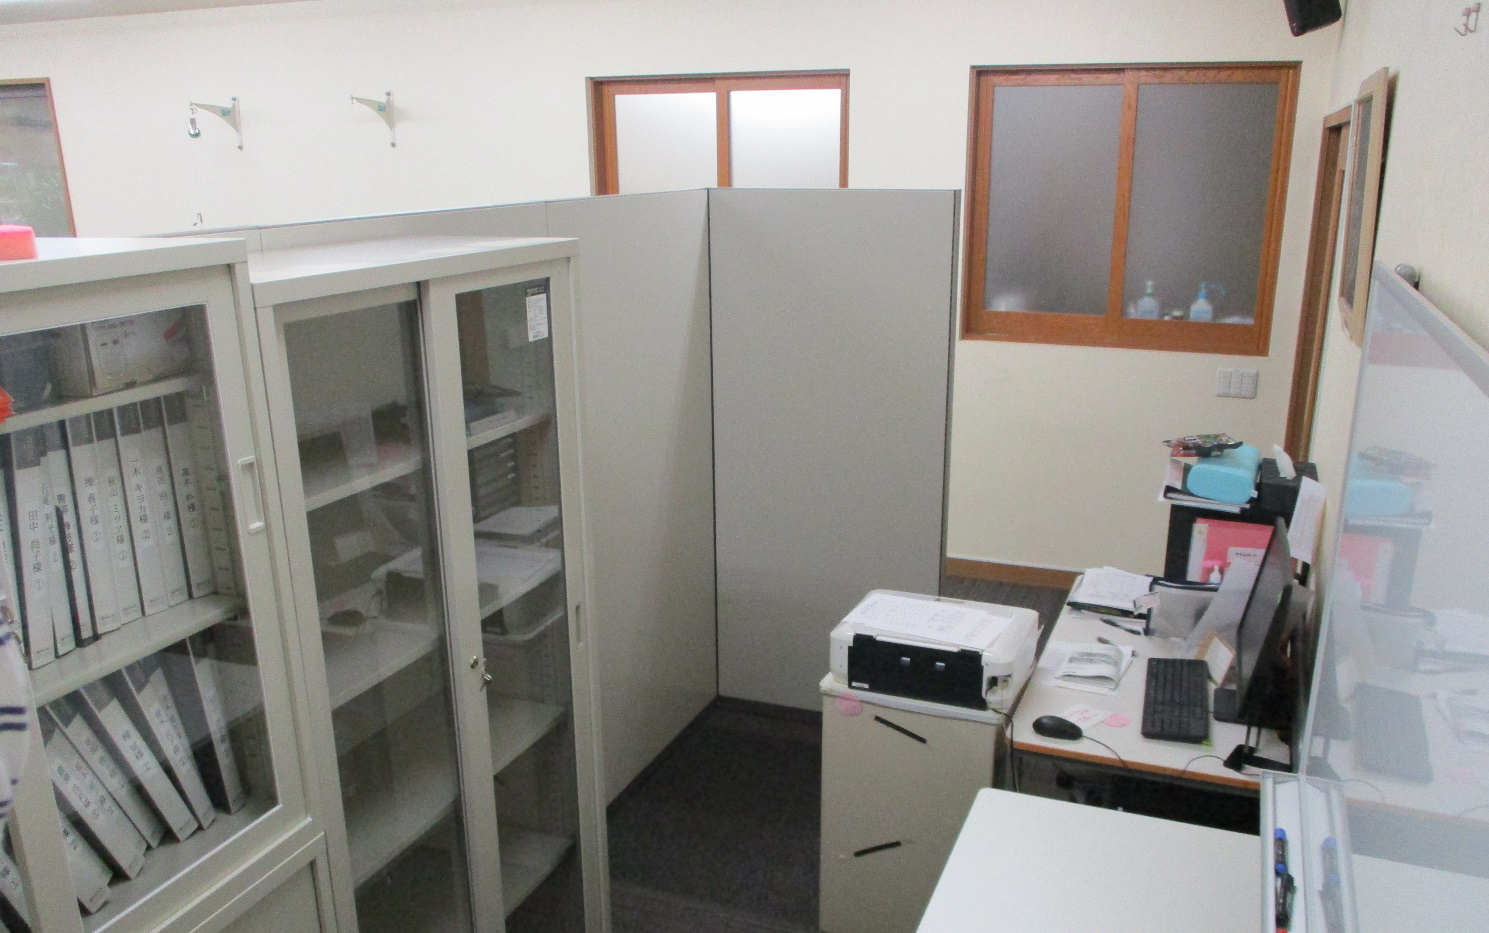 リハビリスペースと先生たちの事務作業場所のパーテーション設置、ホワイトボード、デスク、書庫納品